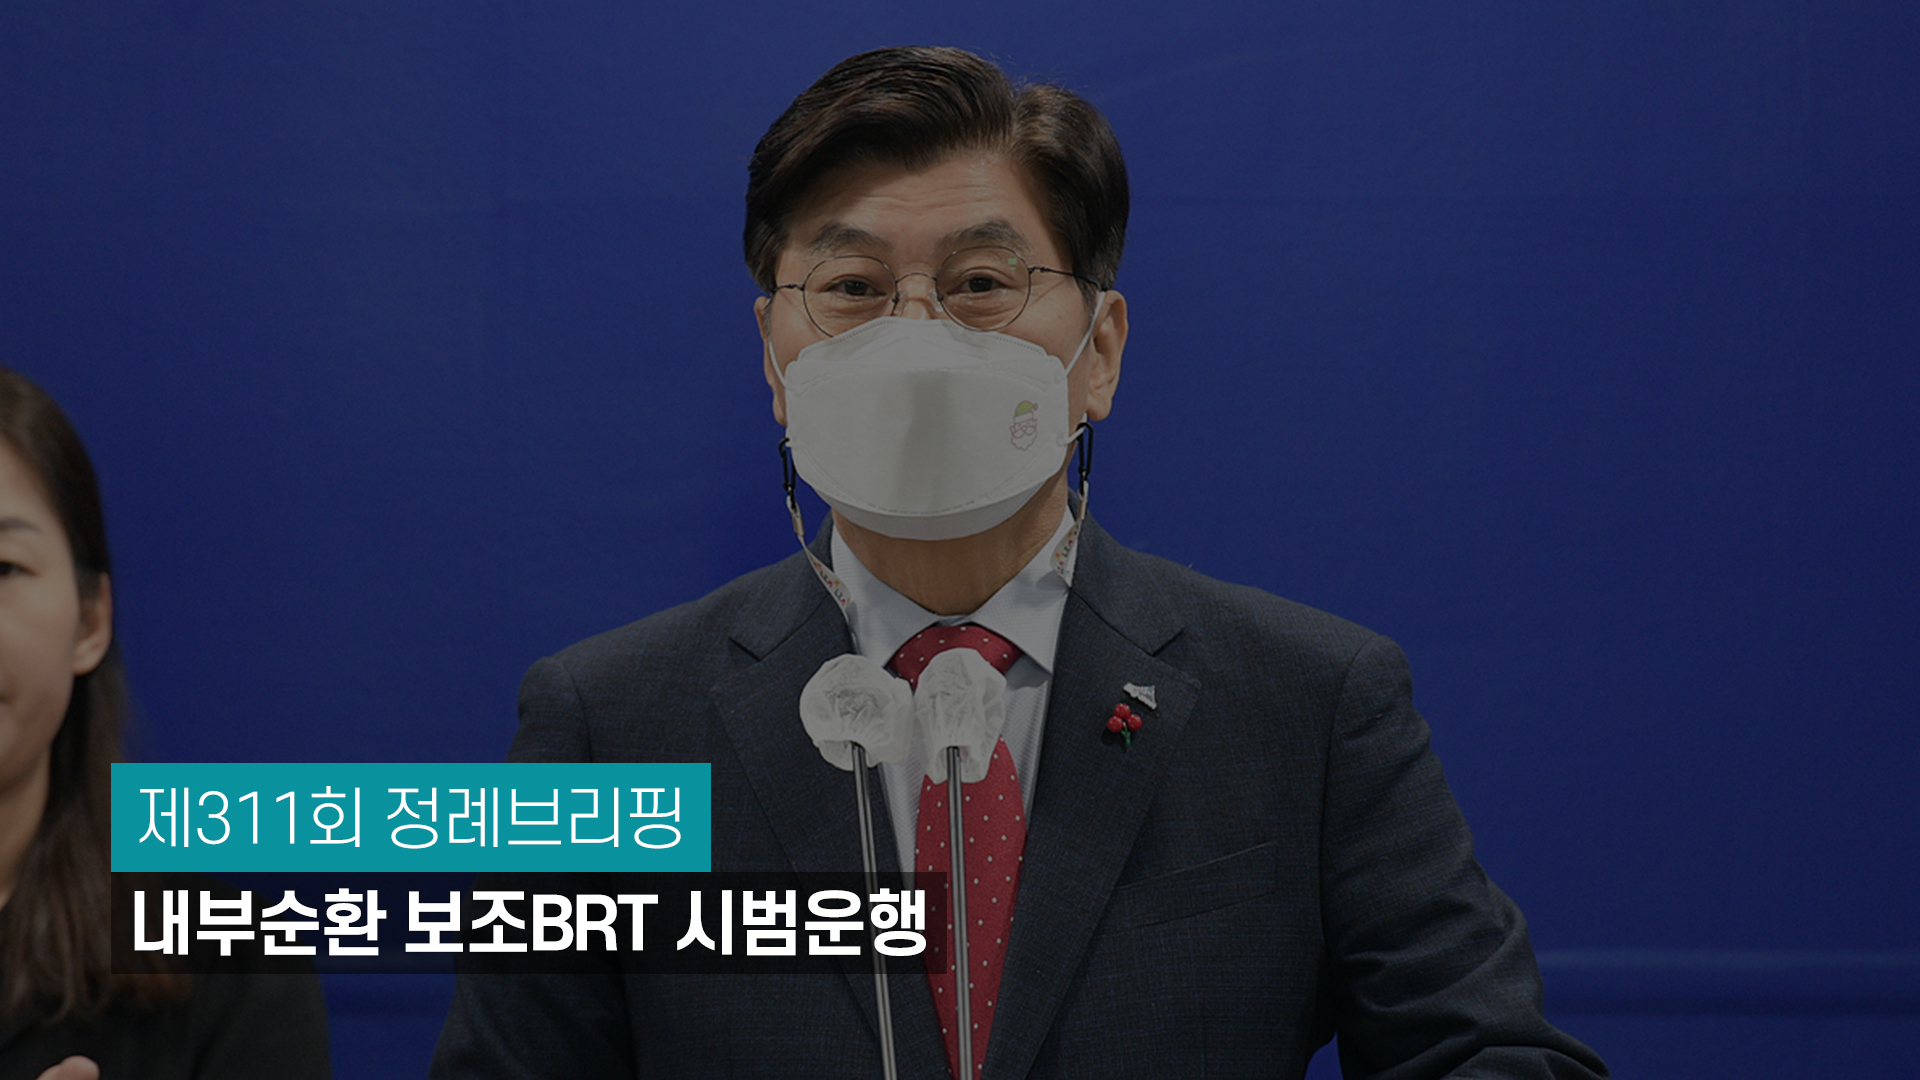 <311번째 정례브리핑> 내부순환 보조BRT 시범운행